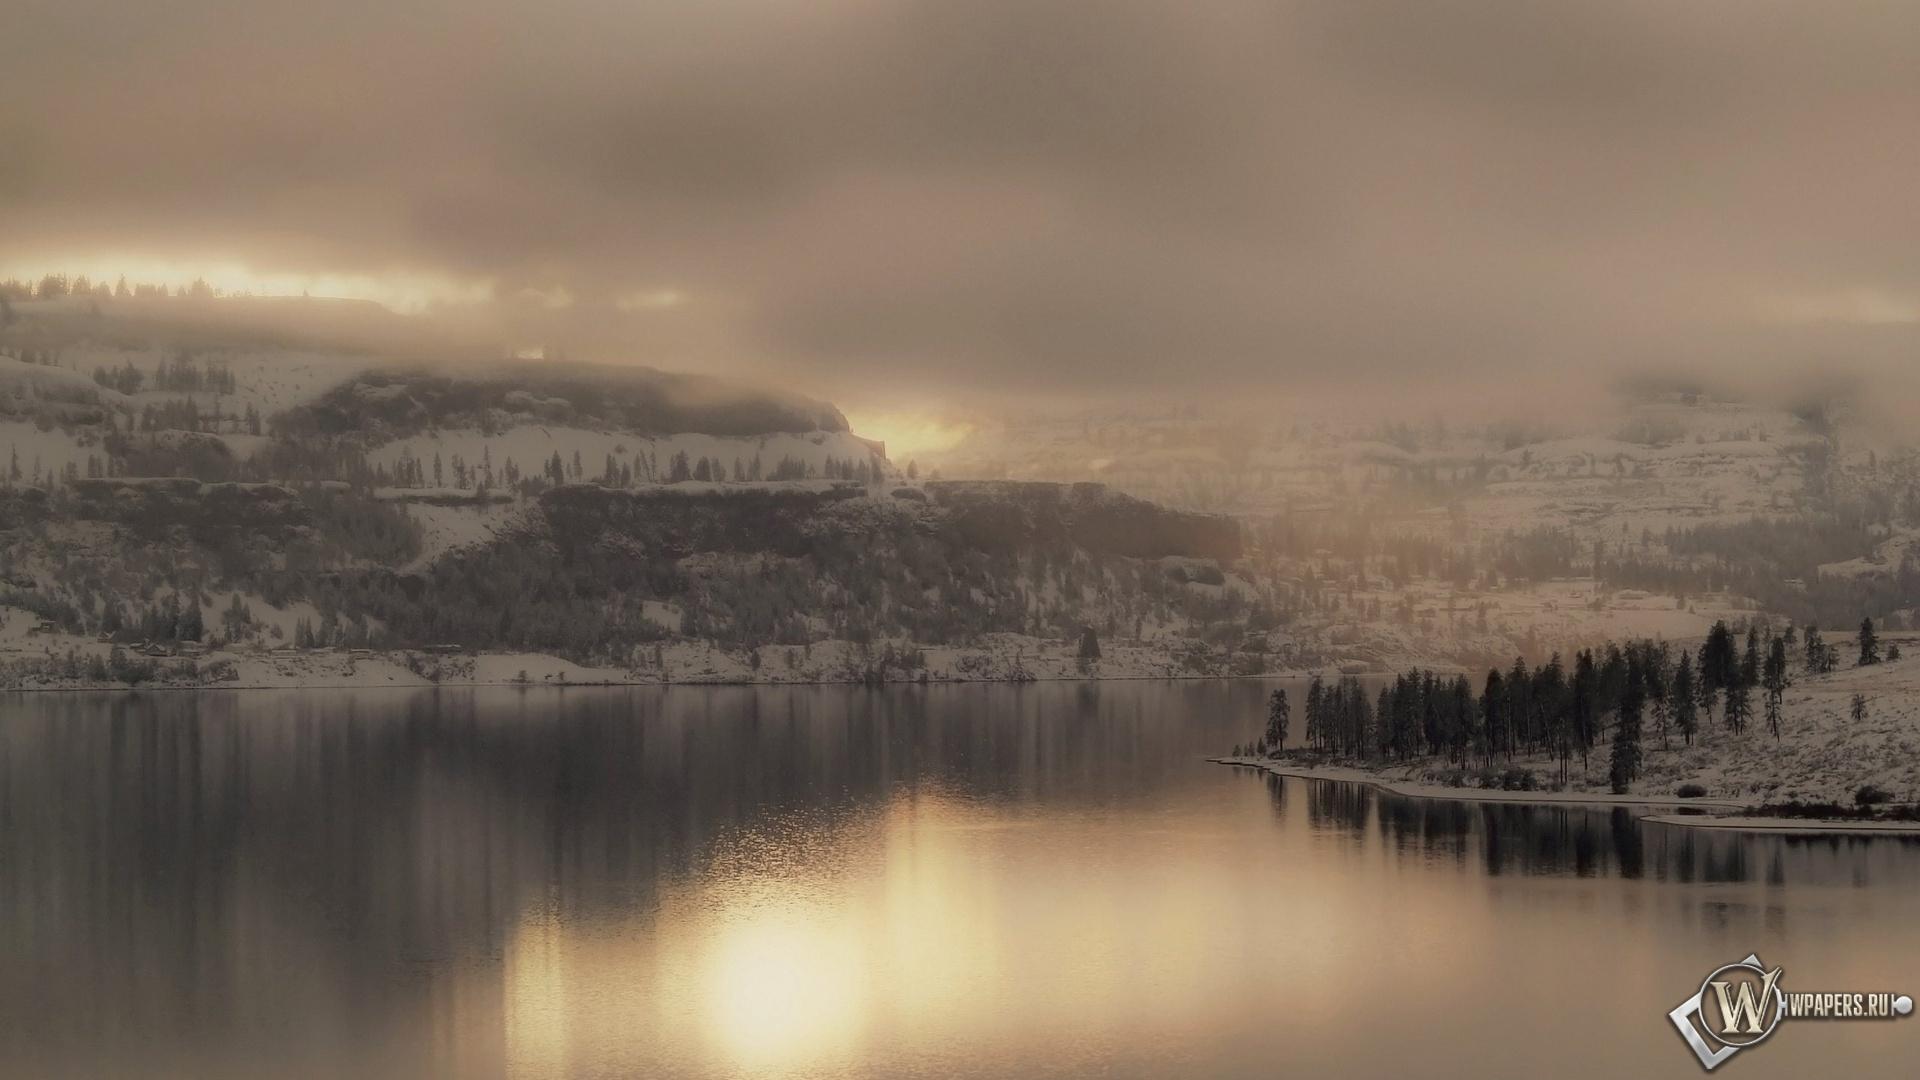 Зимний пейзаж 1920x1080